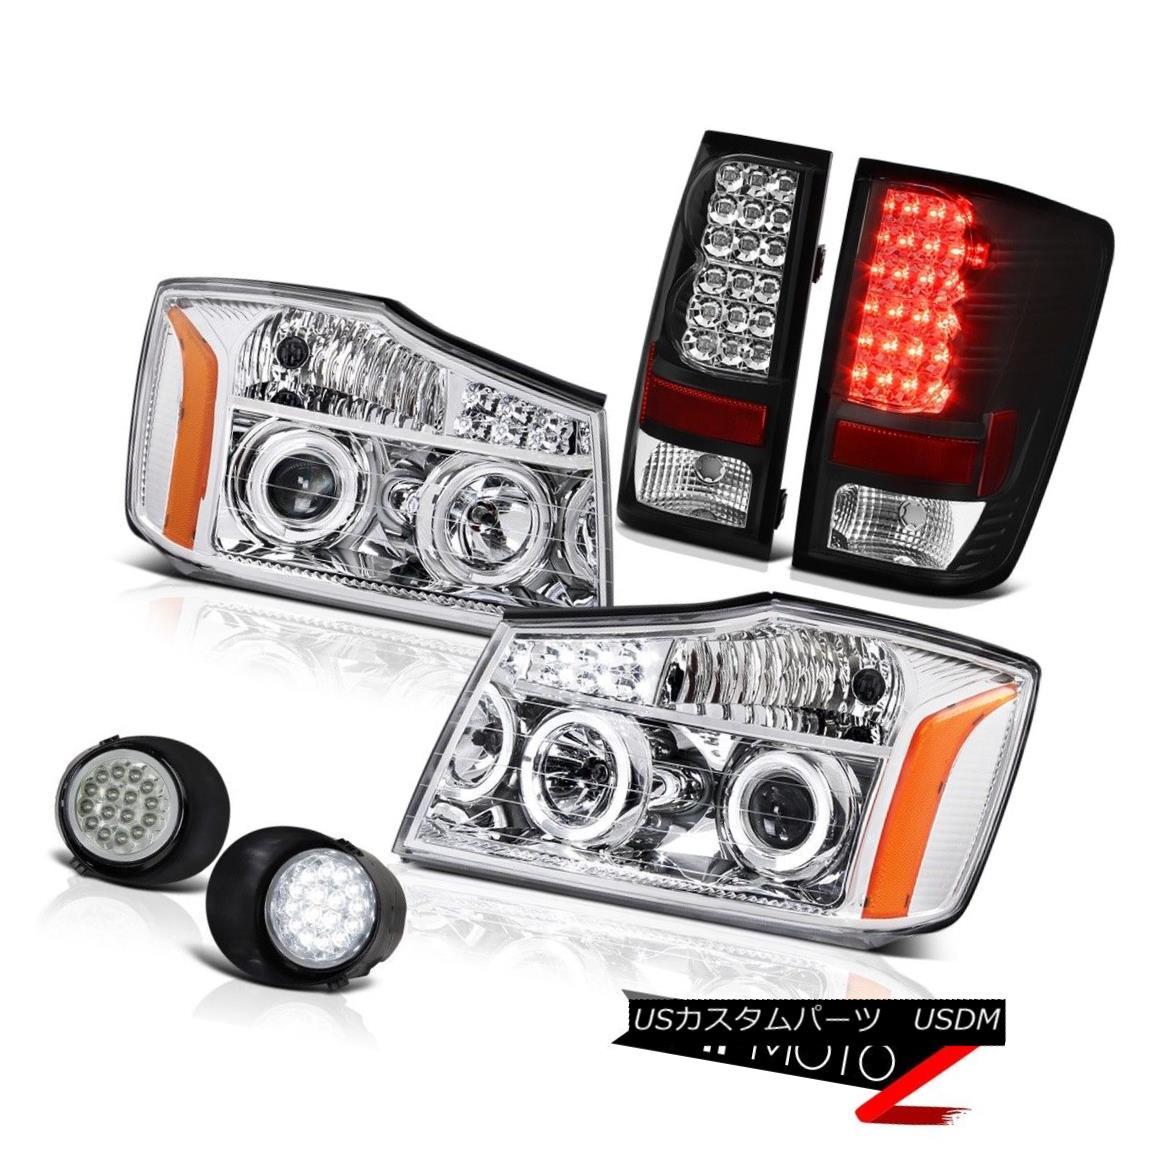 テールライト For 2004-2015 Titan Chrome LED Headlamps Assembly Black Tail Lights Trim Fog 2004年?2015年タイタンクロームLEDヘッドライトアセンブリブラックテールライトトリムフォグ